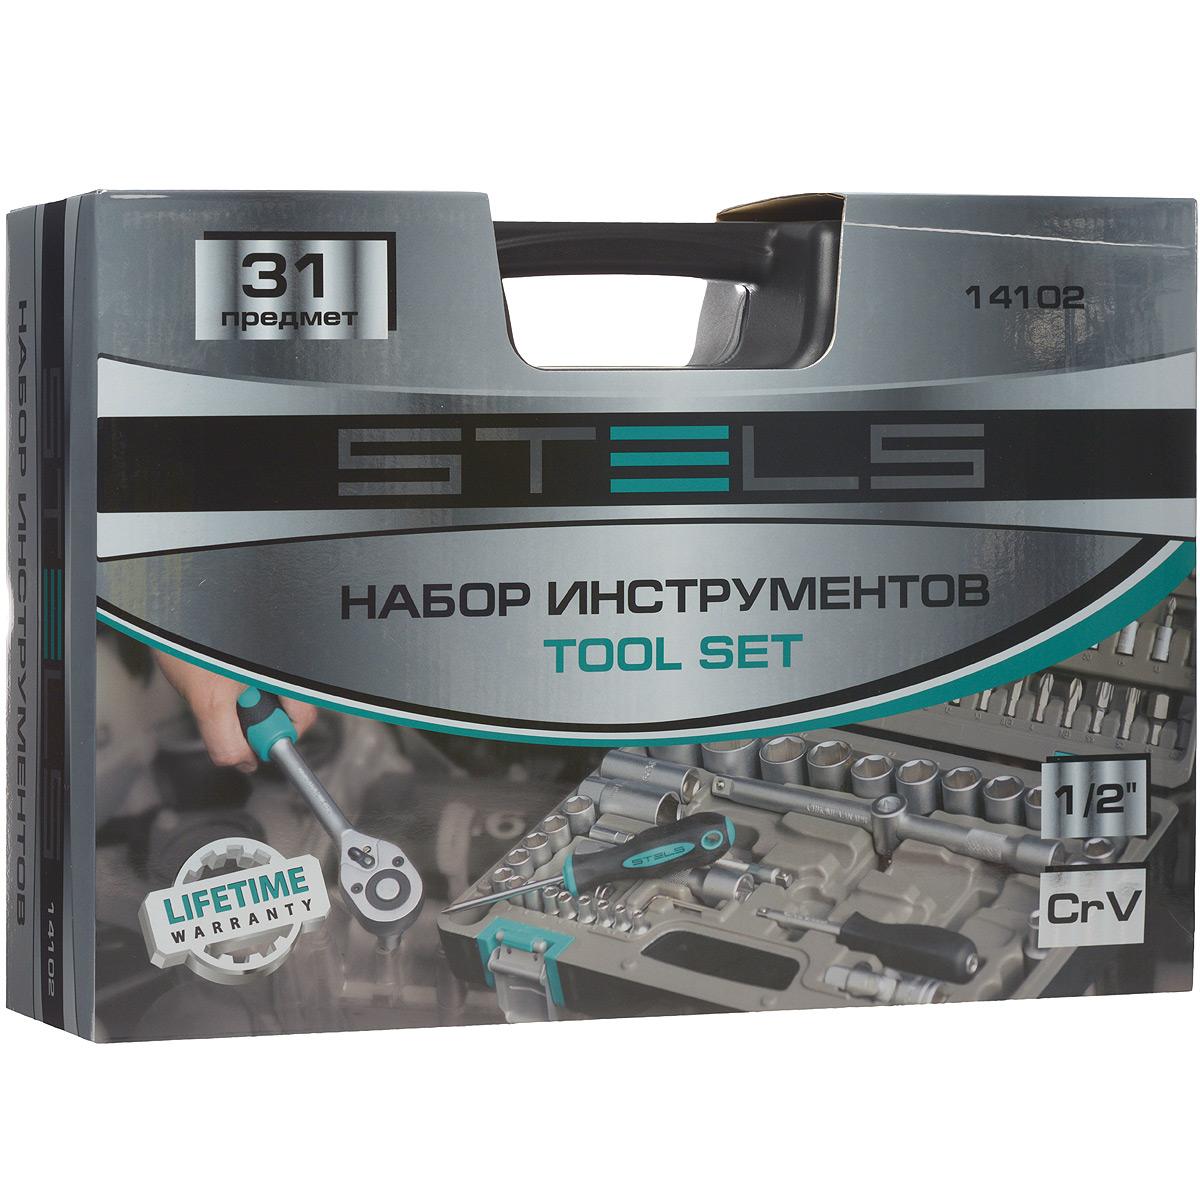 Набор инструментов Stels, 31 предмет112685Набор инструментов торговой марки Stels разработан специально для автолюбителей и центров технического обслуживания. Каждый этап производства контролируется в соответствии с международными стандартами. Головки и комбинированные ключи изготовлены из хромованадиевой стали, придающей инструменту исключительную твердость в сочетании с легкостью. Набор упакован в кейс, изготовленный из жесткого противоударного пластика.Состав набора:Ключ трещоточный 1/2.Головки торцевые 1/2: 8 мм, 10 мм, 11 мм, 12 мм, 13 мм, 14 мм, 15 мм, 17 мм, 18 мм, 19 мм, 22 мм, 24 мм, 27 мм, 30 мм, 32 мм.Адаптер трехсторонний 1/2.Удлинители 1/2: 125 мм, 250 мм.Головки свечные 1/2: 16 мм, 21 мм.Ключи комбинированные: 8 мм, 9 мм. 10 мм, 11 мм, 12 мм, 13 мм, 14 мм, 17 мм, 18 мм, 19 мм.